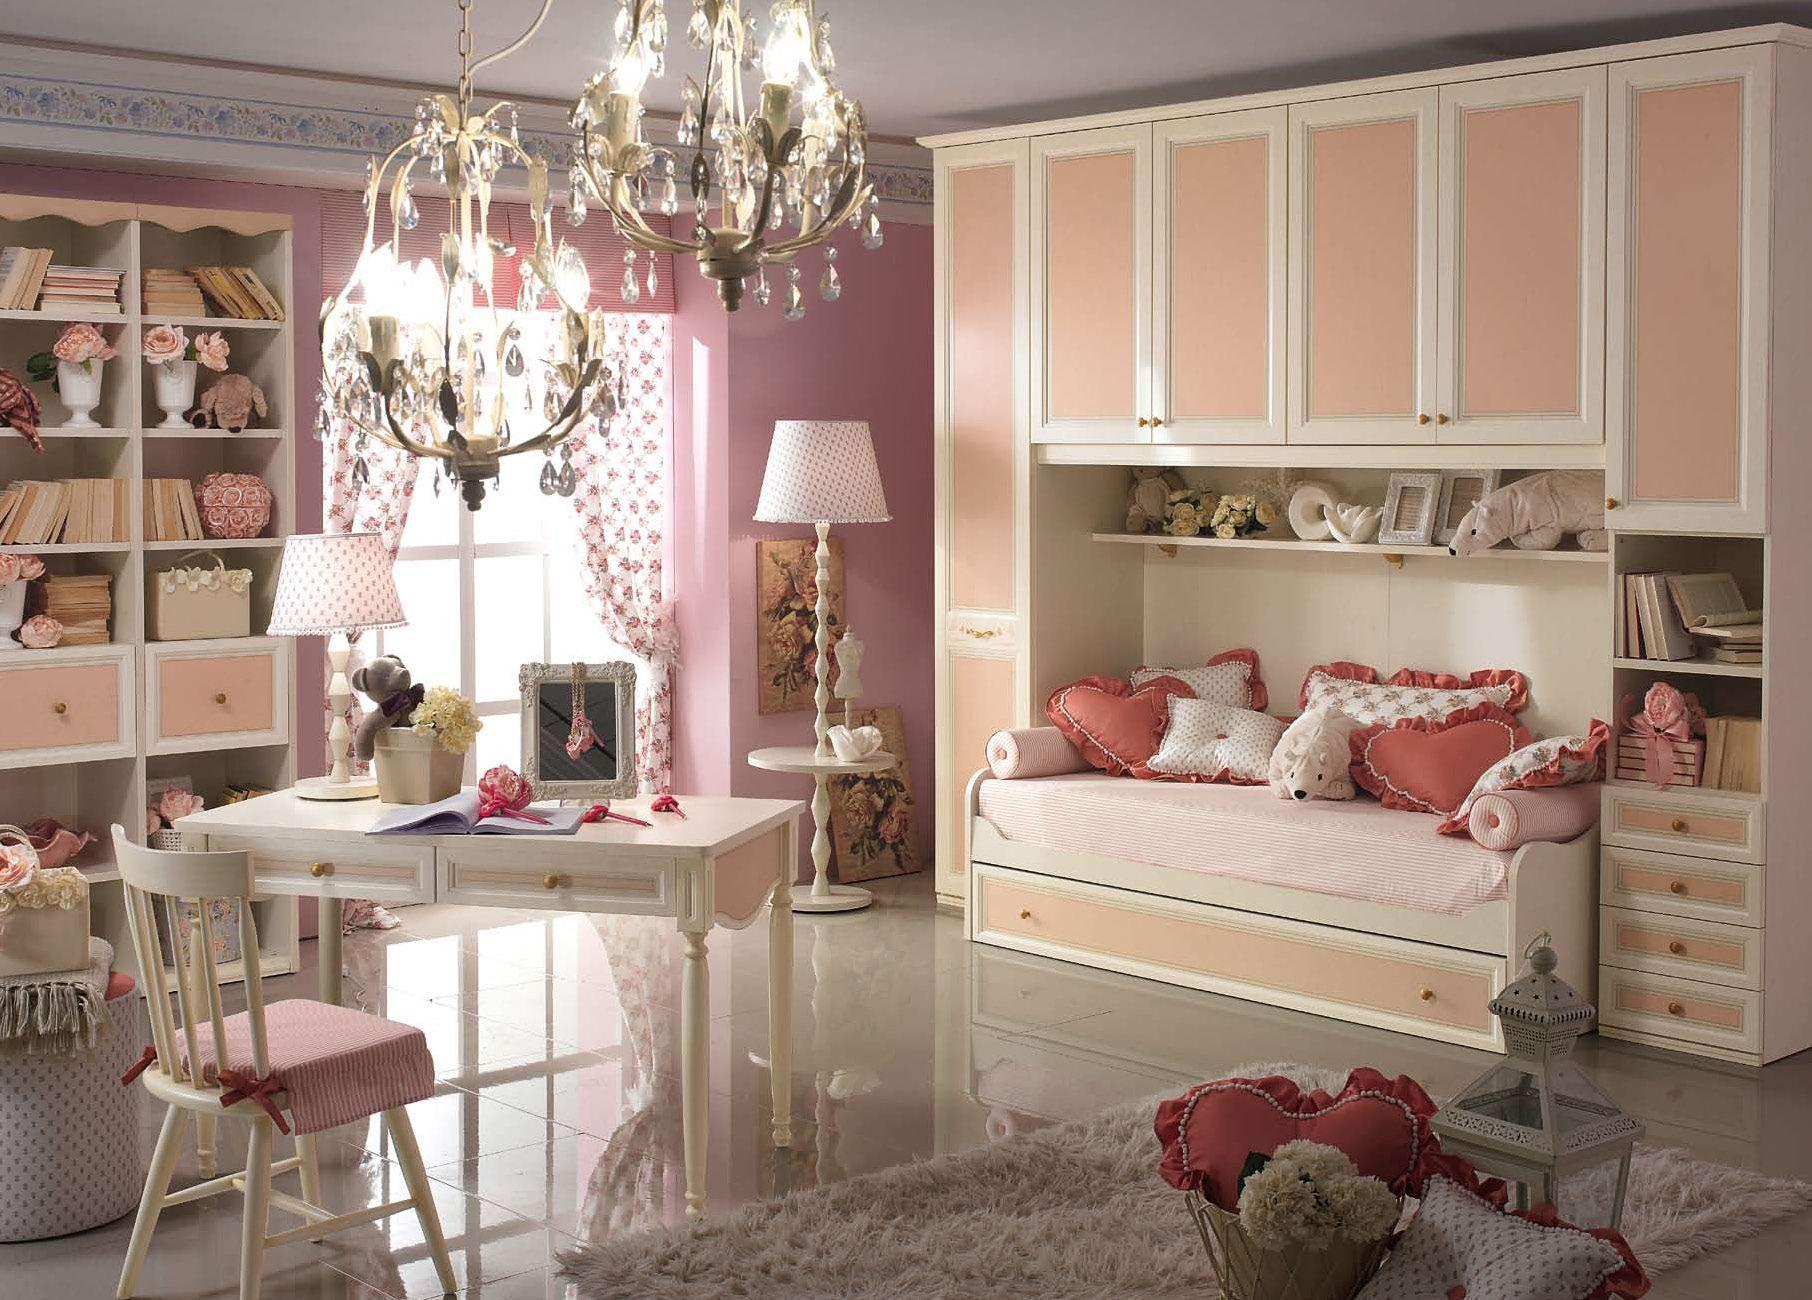 Cameretta Gemelli ~ 26 best camerette images on pinterest bedroom kids kid bedrooms